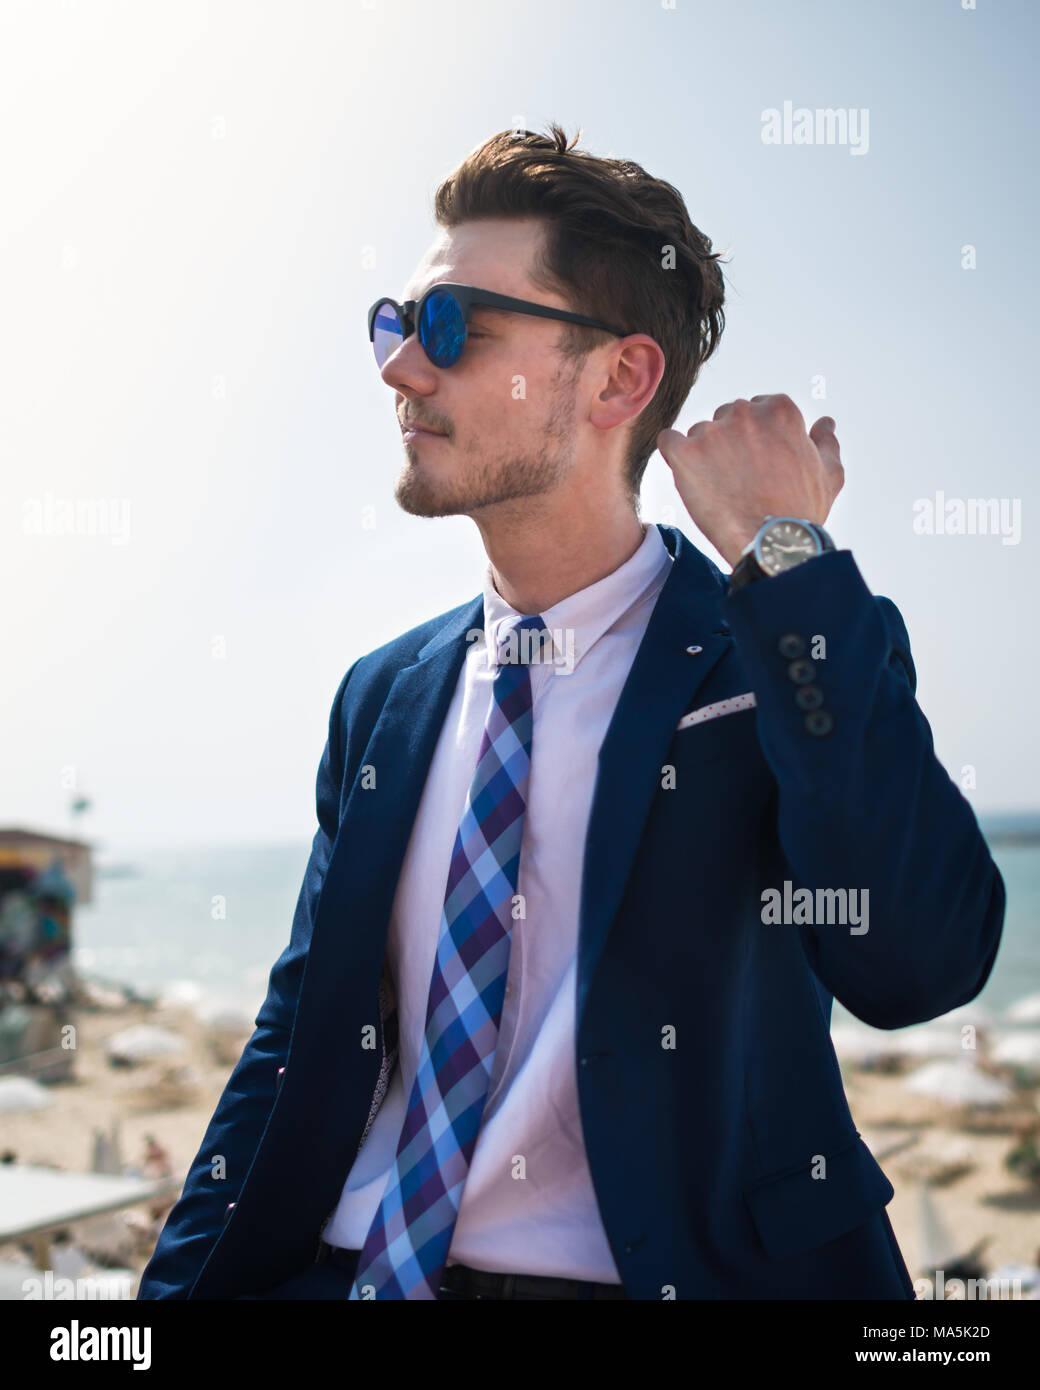 new product 4eea8 2d3cb Giovane uomo elegante in abito elegante e sunglass sullo ...